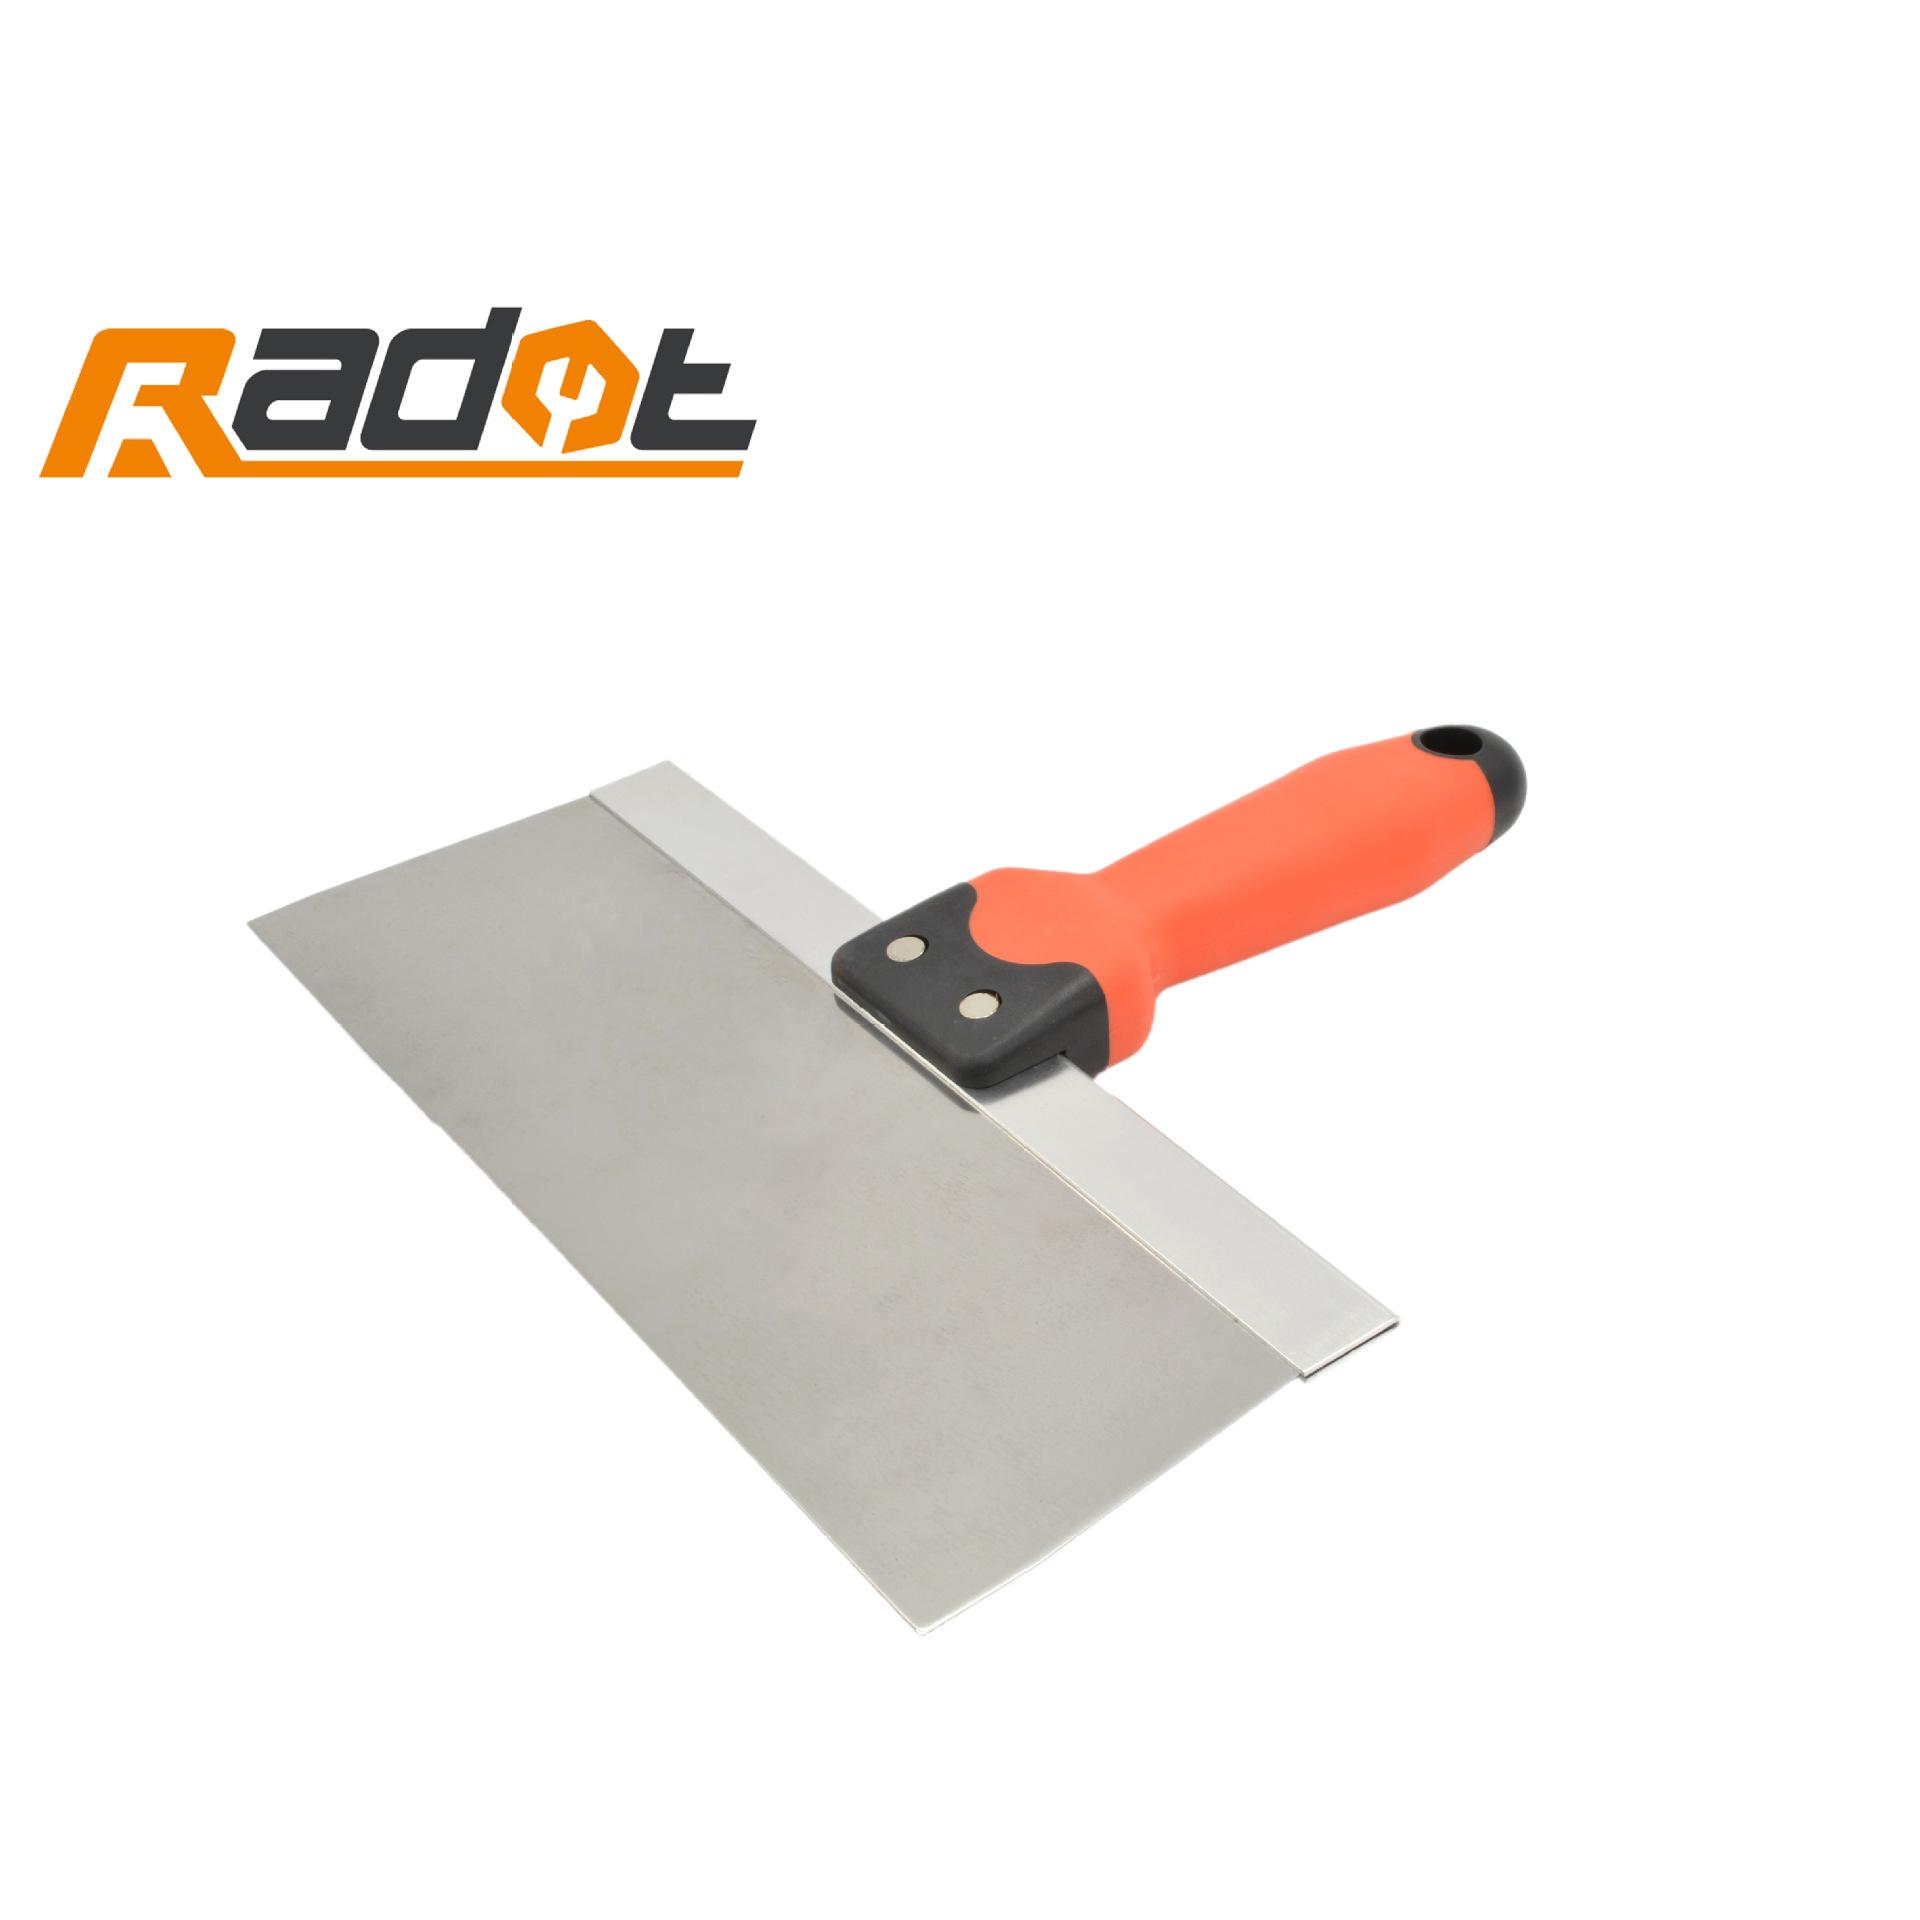 RUIDUOTE Công cụ nghề mộc Tay cầm bằng nhựa hai màu putty dao nhà máy trực tiếp lưỡi dao công cụ xây